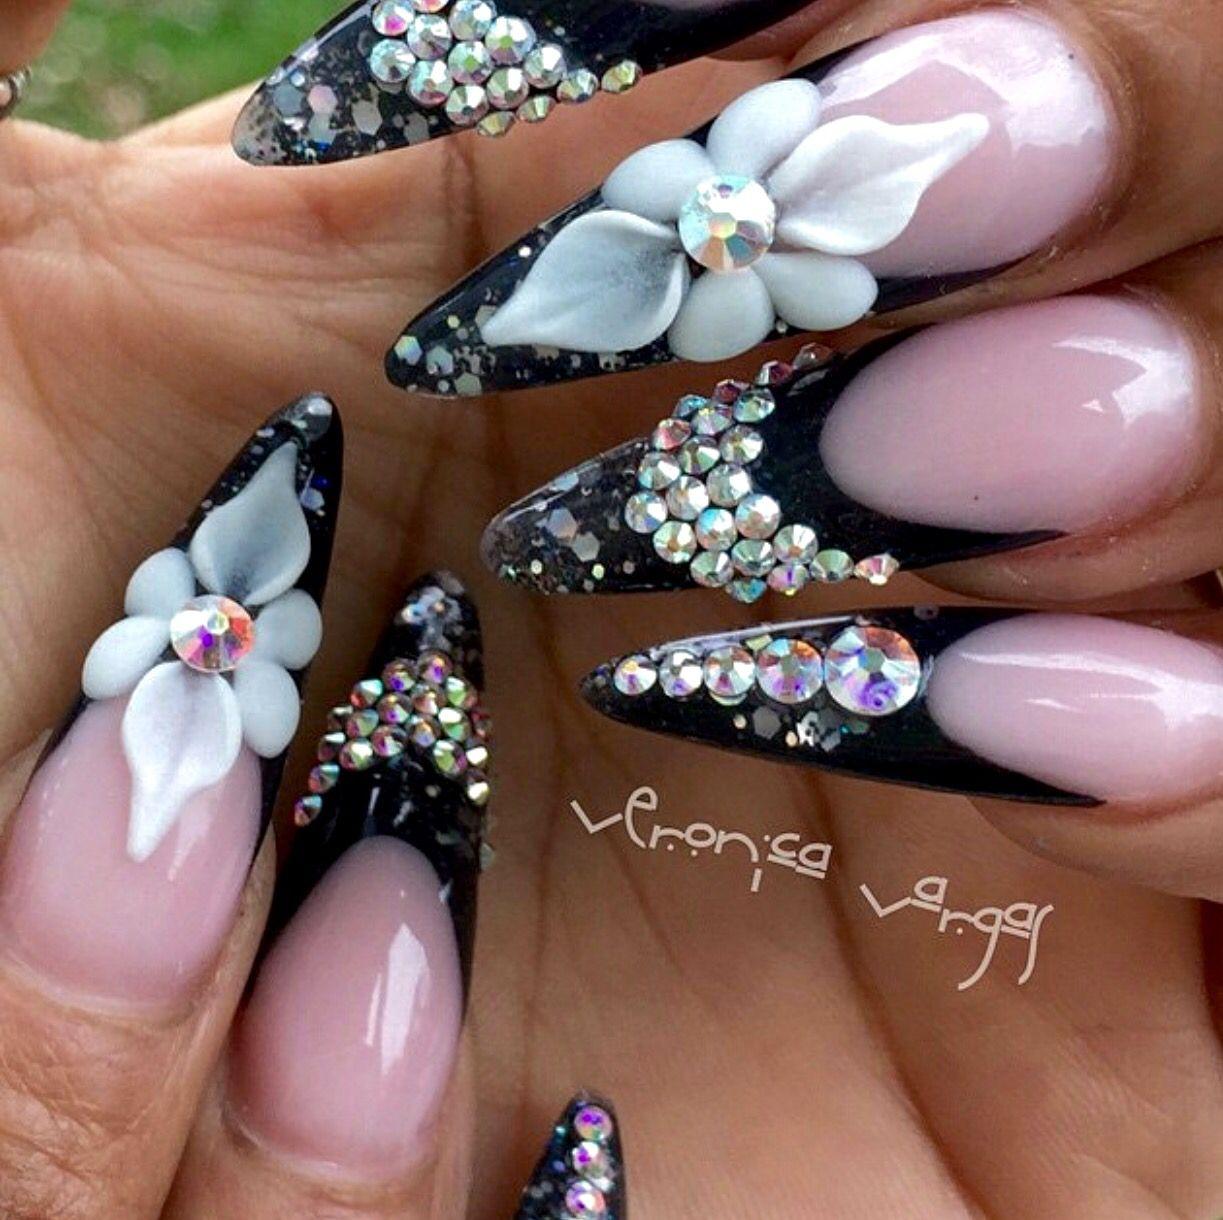 Pin von Mellie 🌸 auf ⓝⓐⓘⓛⓢ | Pinterest | Nagelkunst design ...